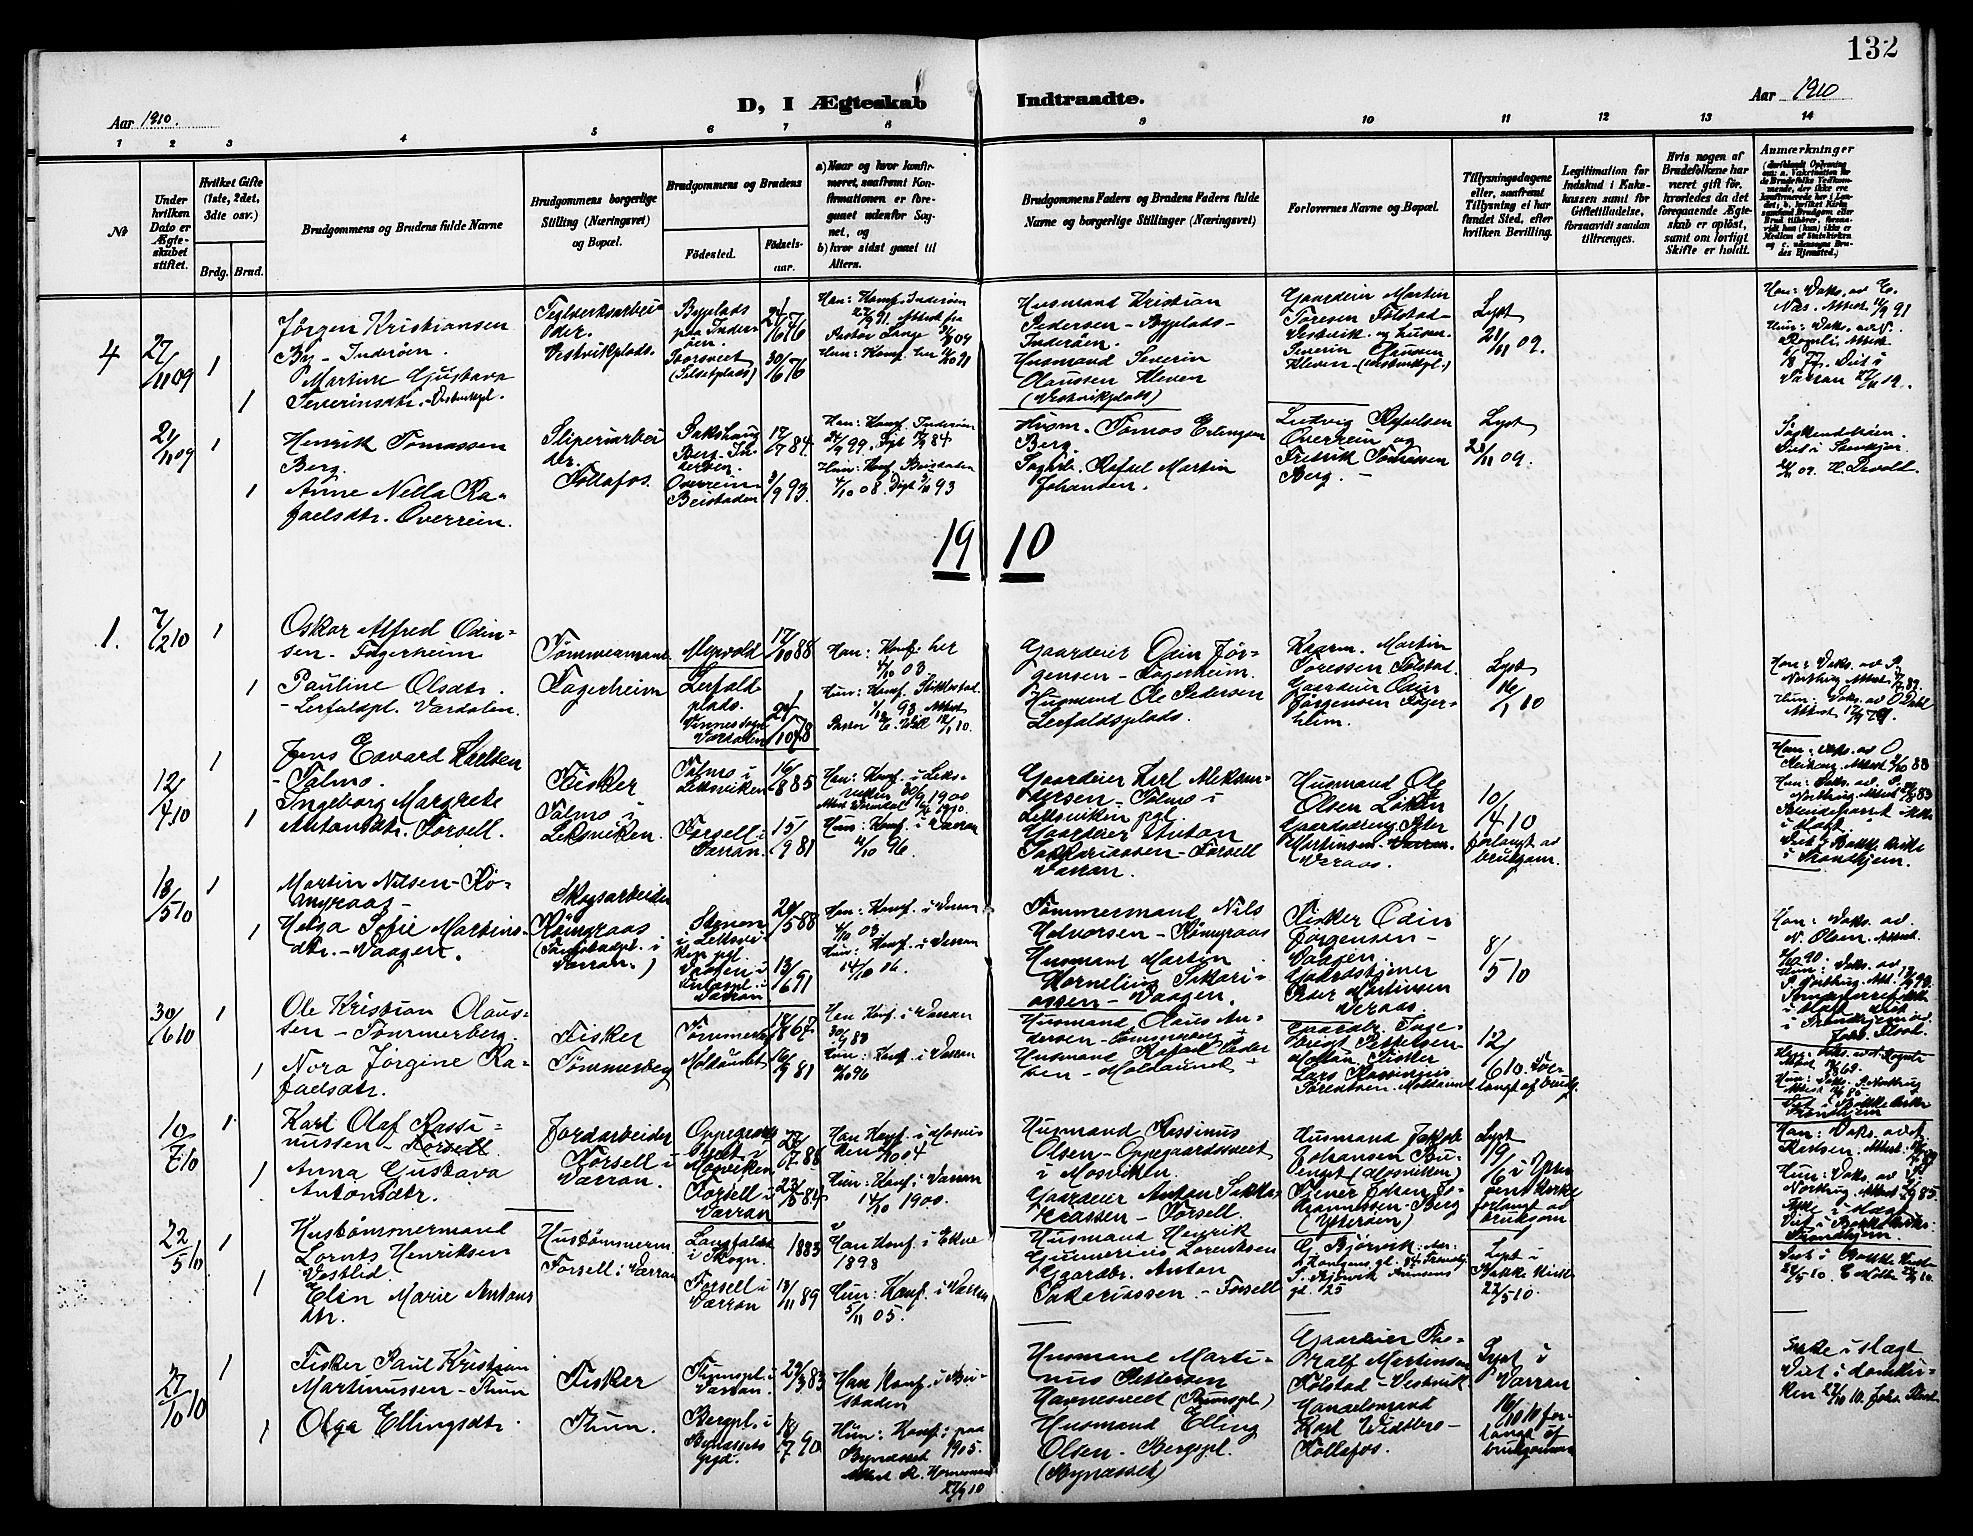 SAT, Ministerialprotokoller, klokkerbøker og fødselsregistre - Nord-Trøndelag, 744/L0424: Klokkerbok nr. 744C03, 1906-1923, s. 132